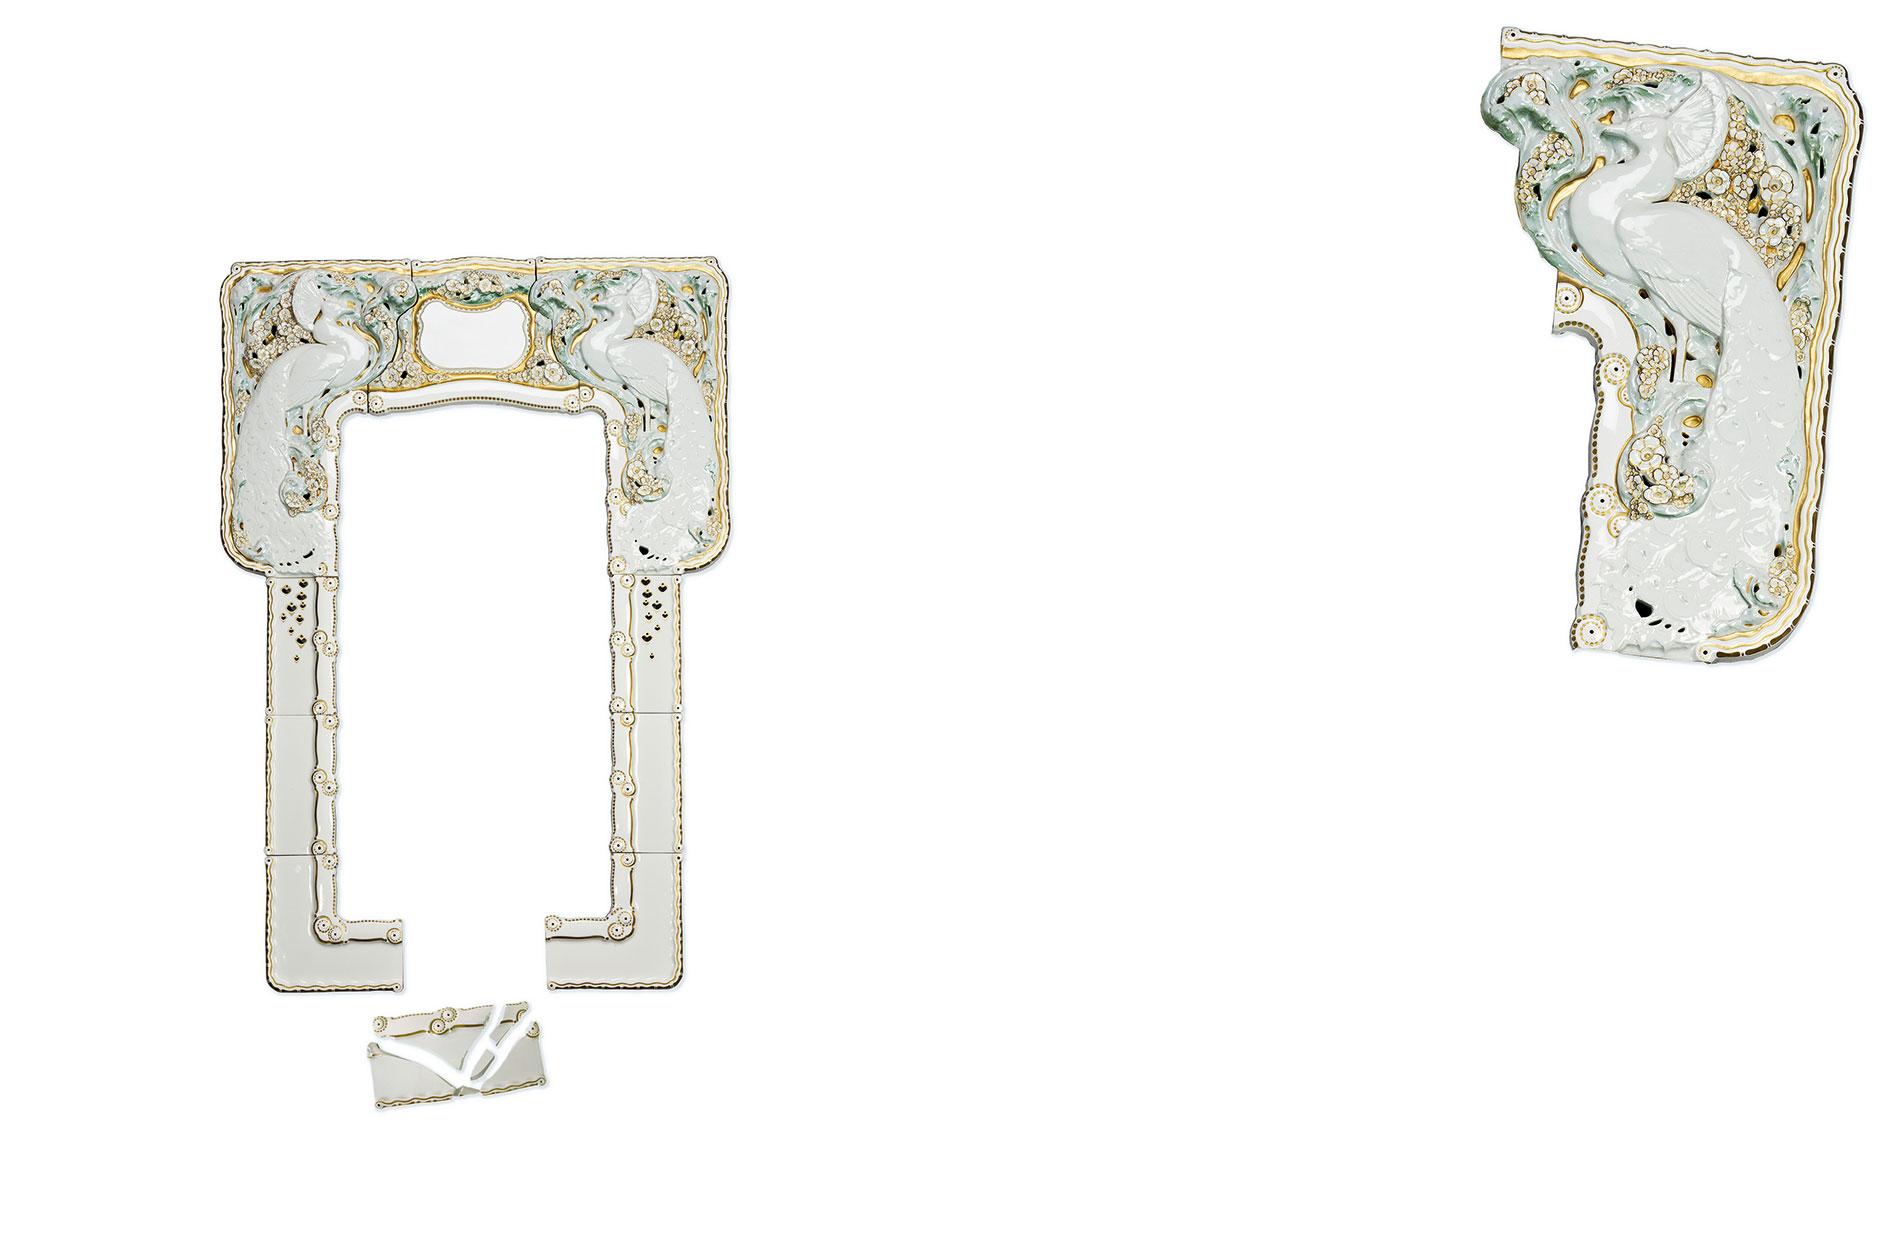 Spiegelrahmen mit Pfauen, Entwurf Alfred Kamp, 1909, Ausführung Königliche Porzellan-Manufaktur Berlin, 1910, Porzellan mit Unterglasurbemalung und Vergoldung, 143×100 cm; Bröhan-Museum, Berlin